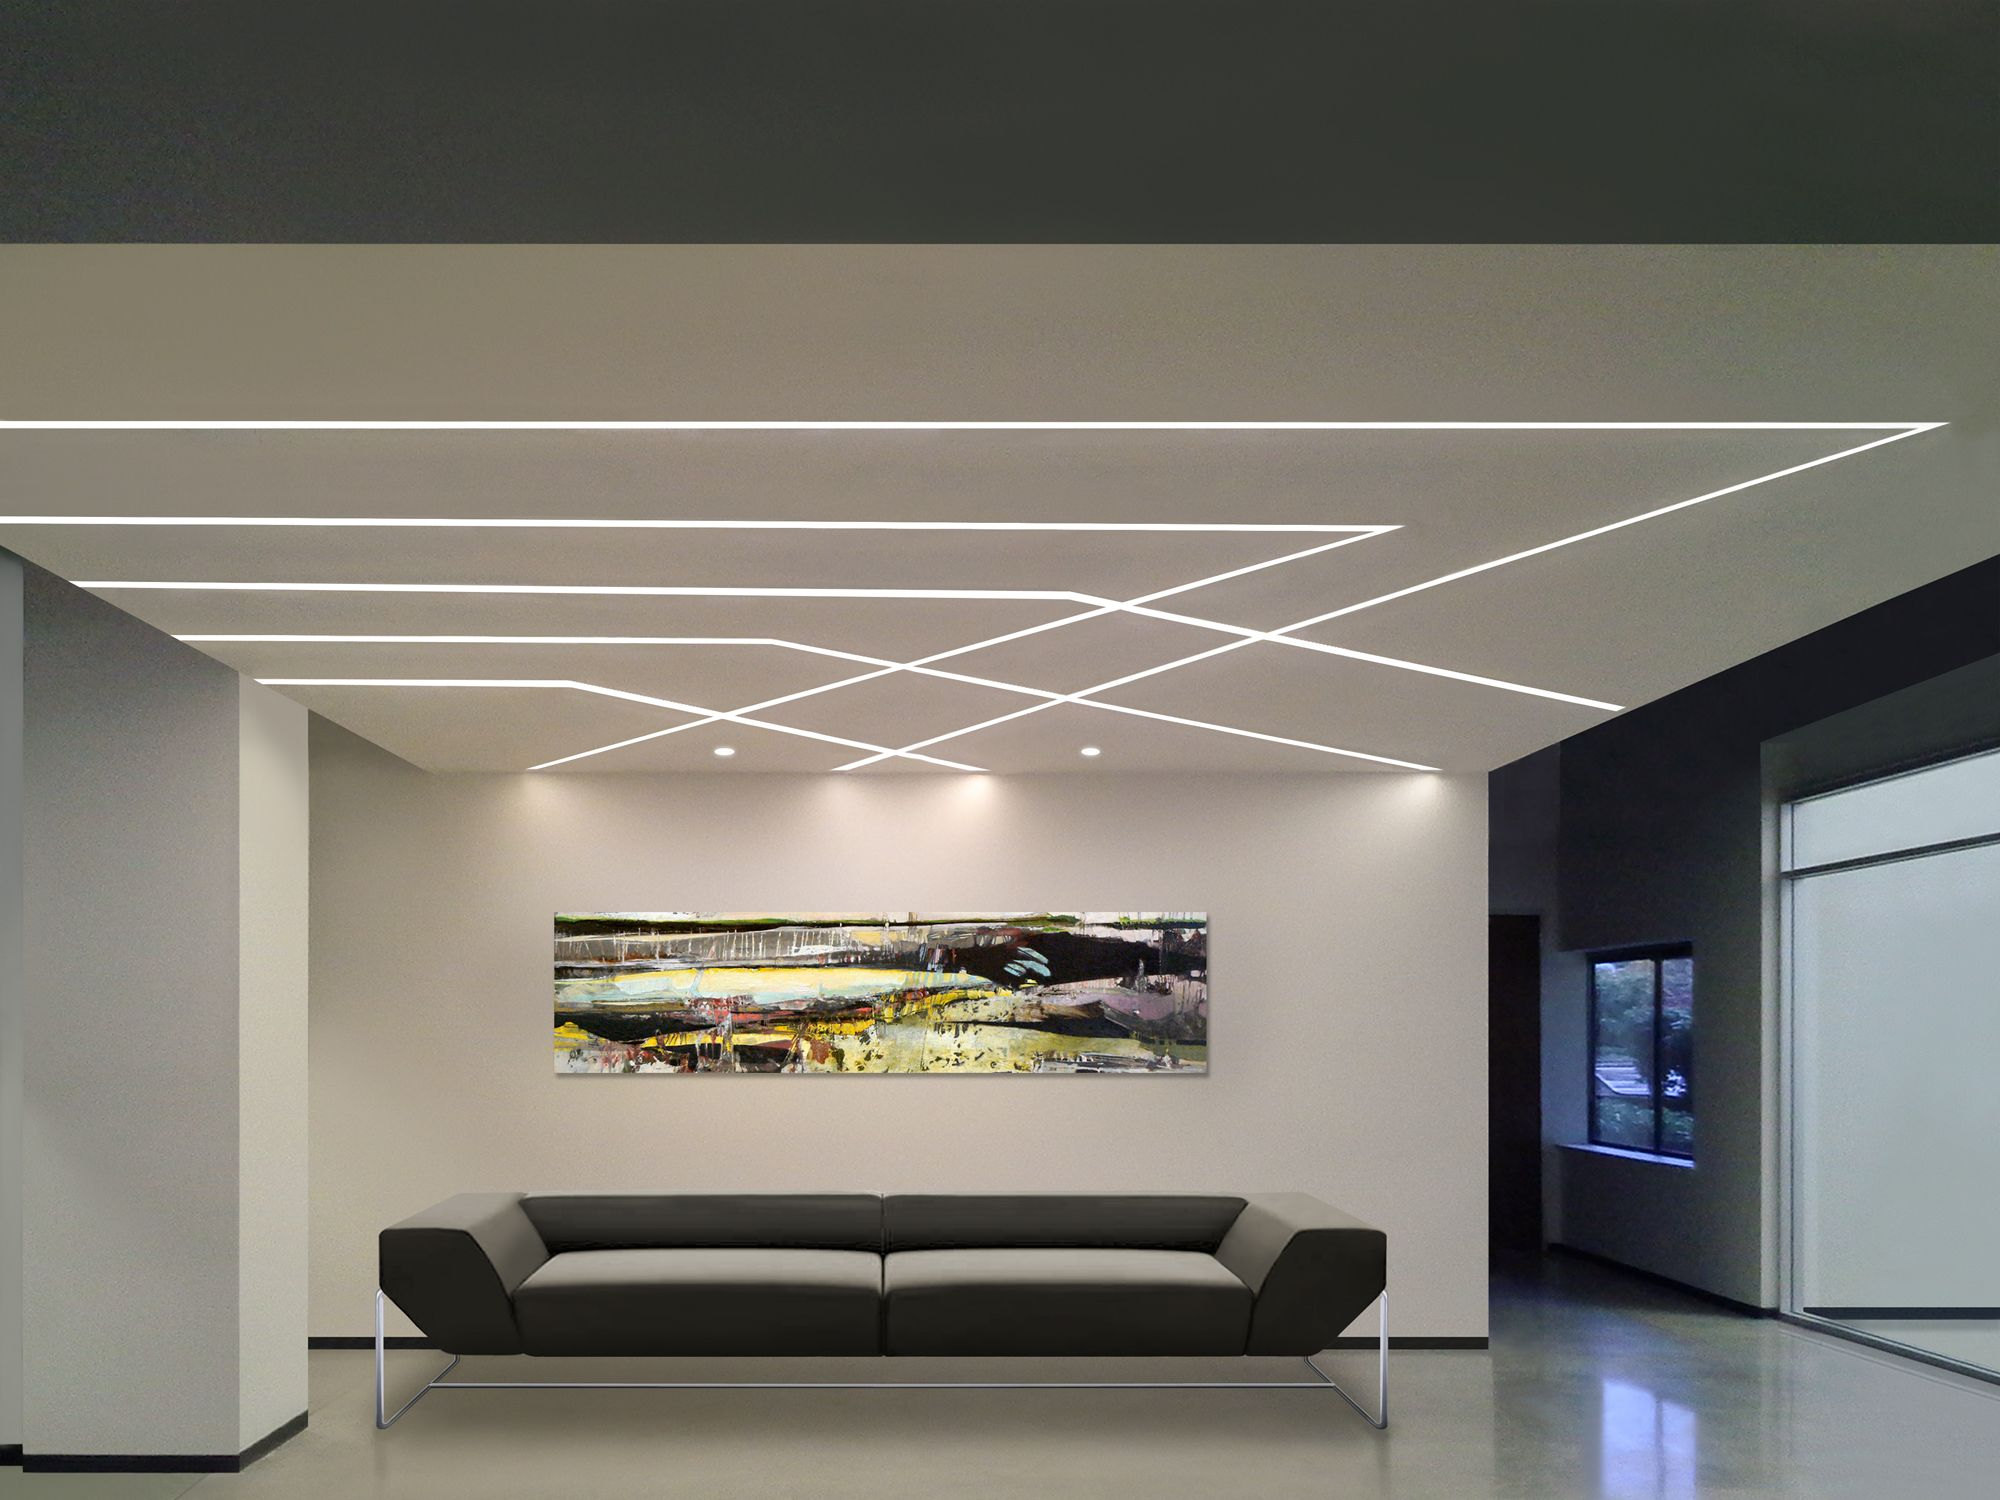 Agatha O Truline 5 2 5w 24vdc Plaster In Led System Pure Lighting At Lightology Ceiling Light Design False Ceiling Design Ceiling Design